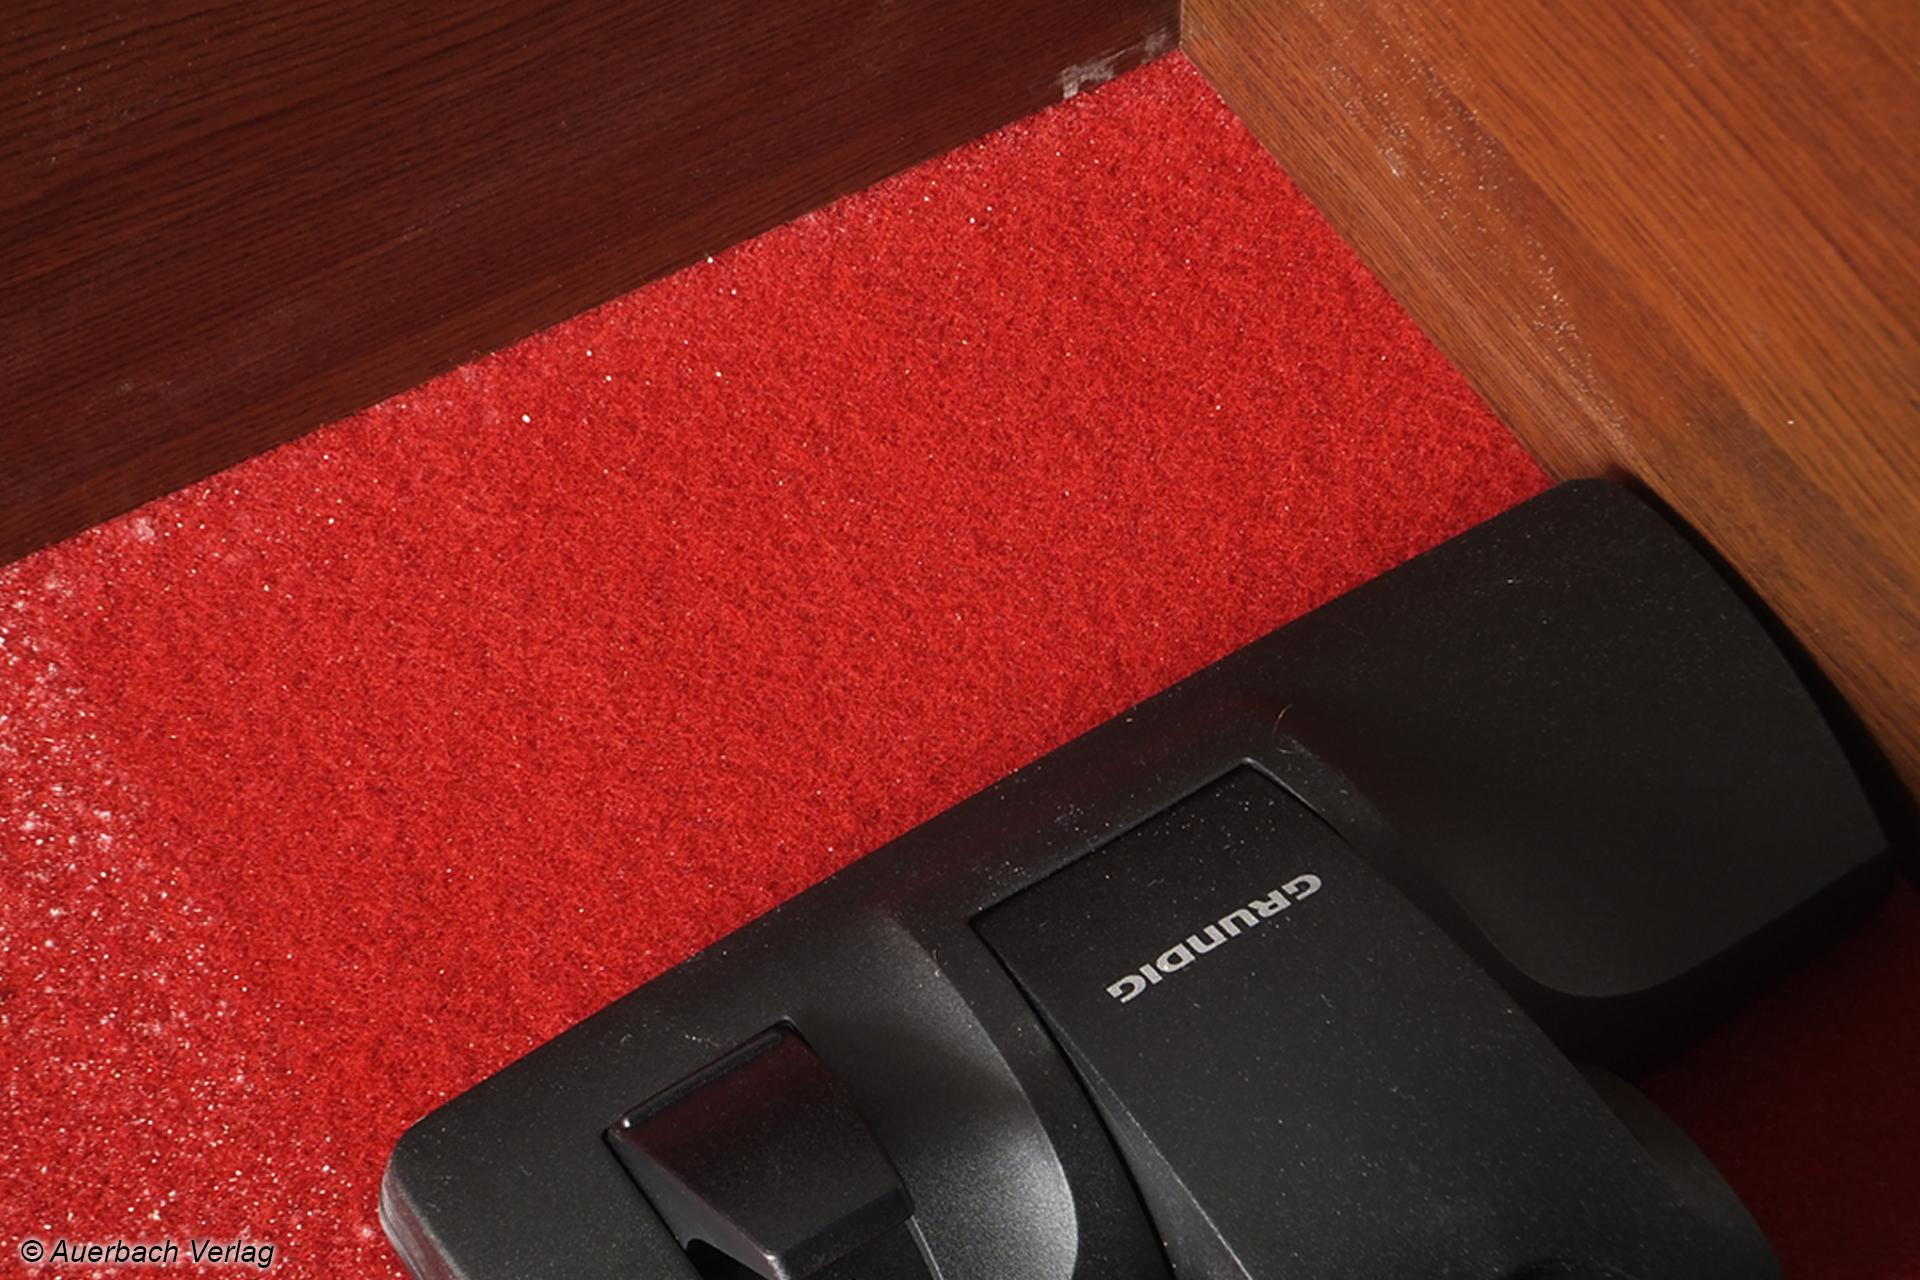 Die hohe Saugkraft in Kombination mit der großen Kombi-Bodendüse sorgt für eine gute Partikelaufnahme vom Teppich